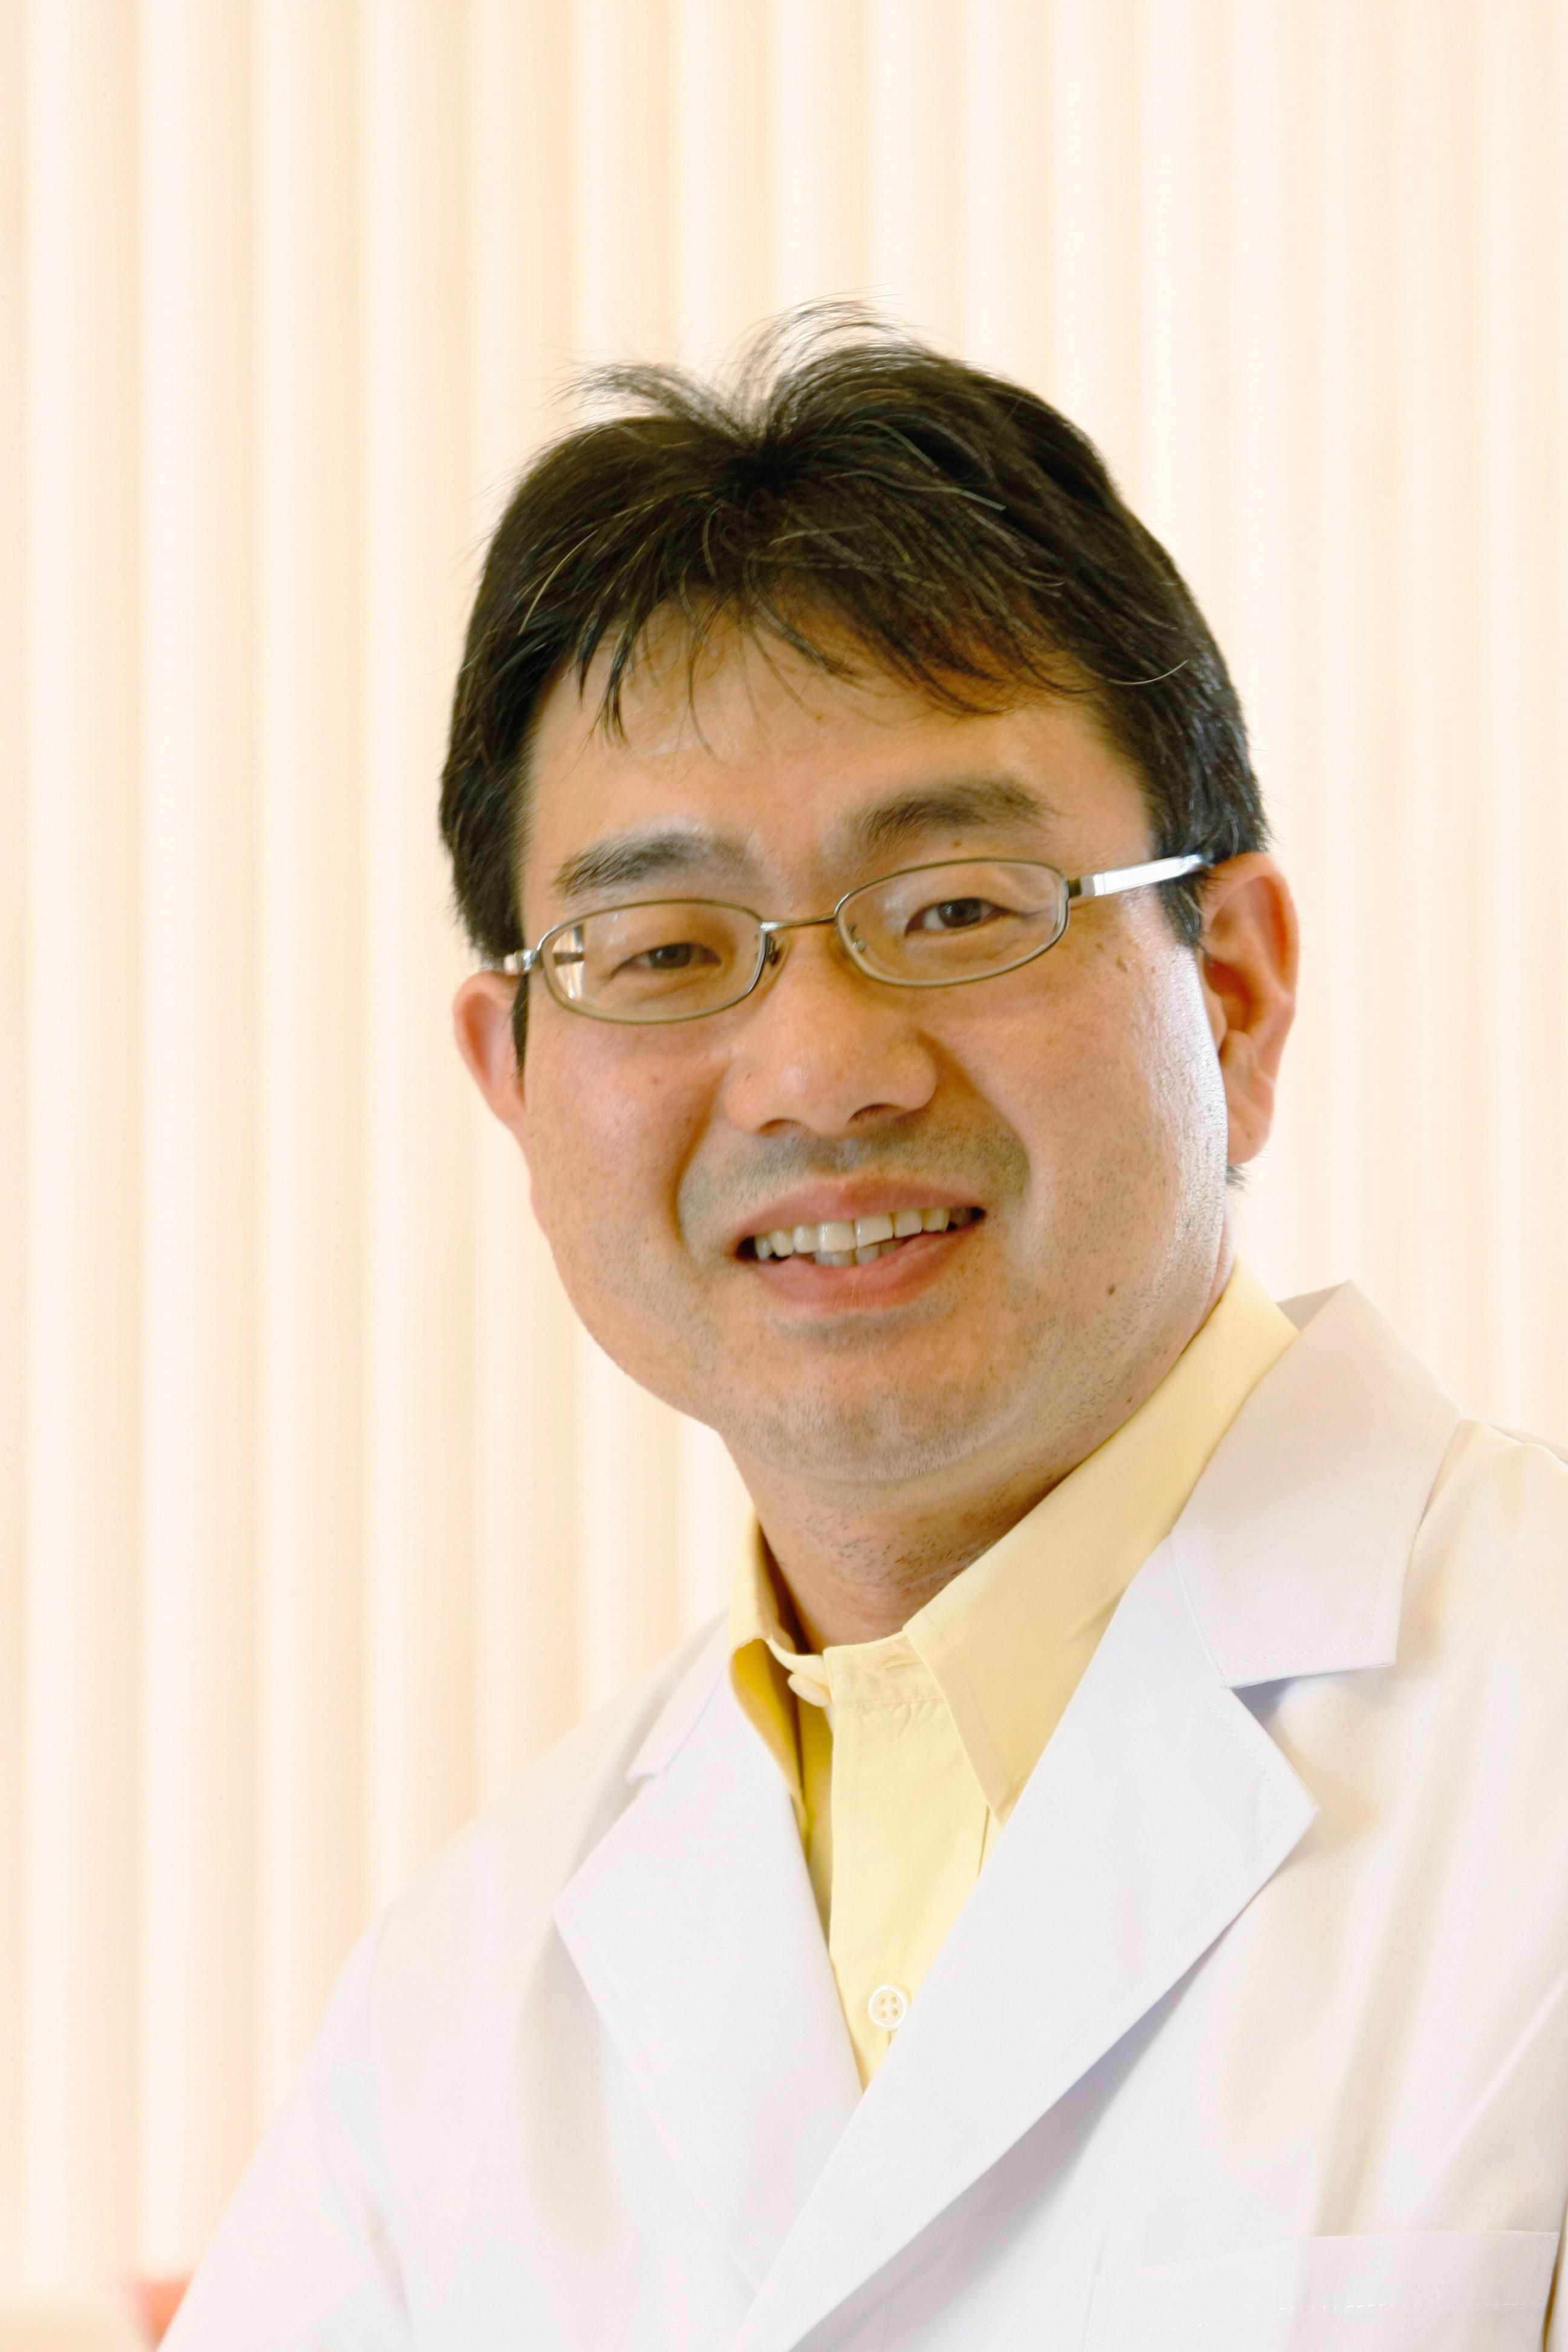 おくだ内科クリニック 院長 奥田和明の写真